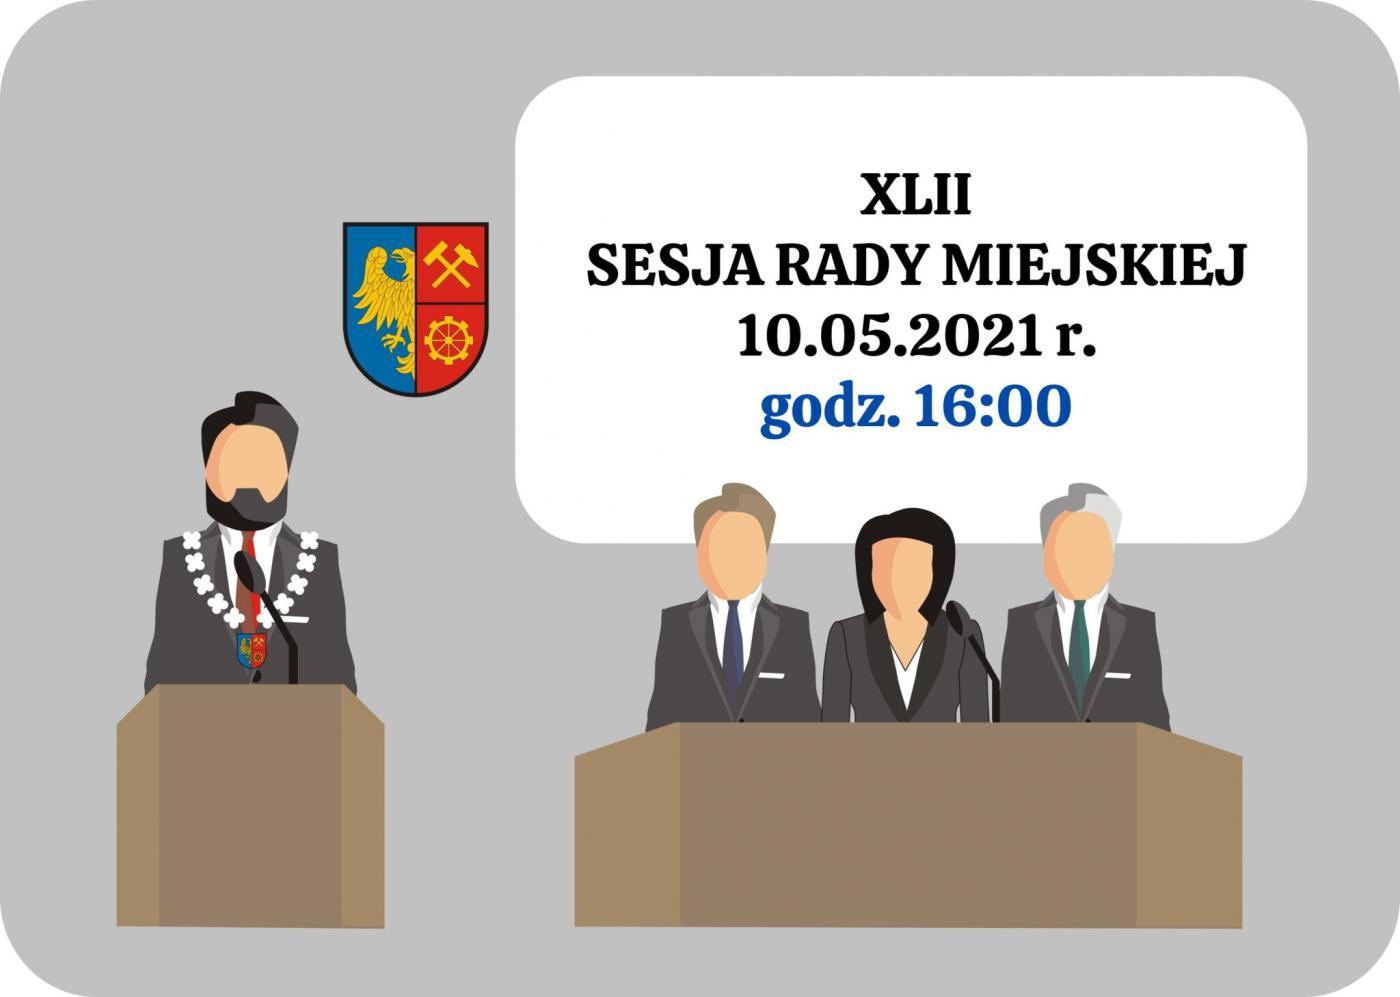 XLII sesja Rady Miejskiej w Świętochłowicach